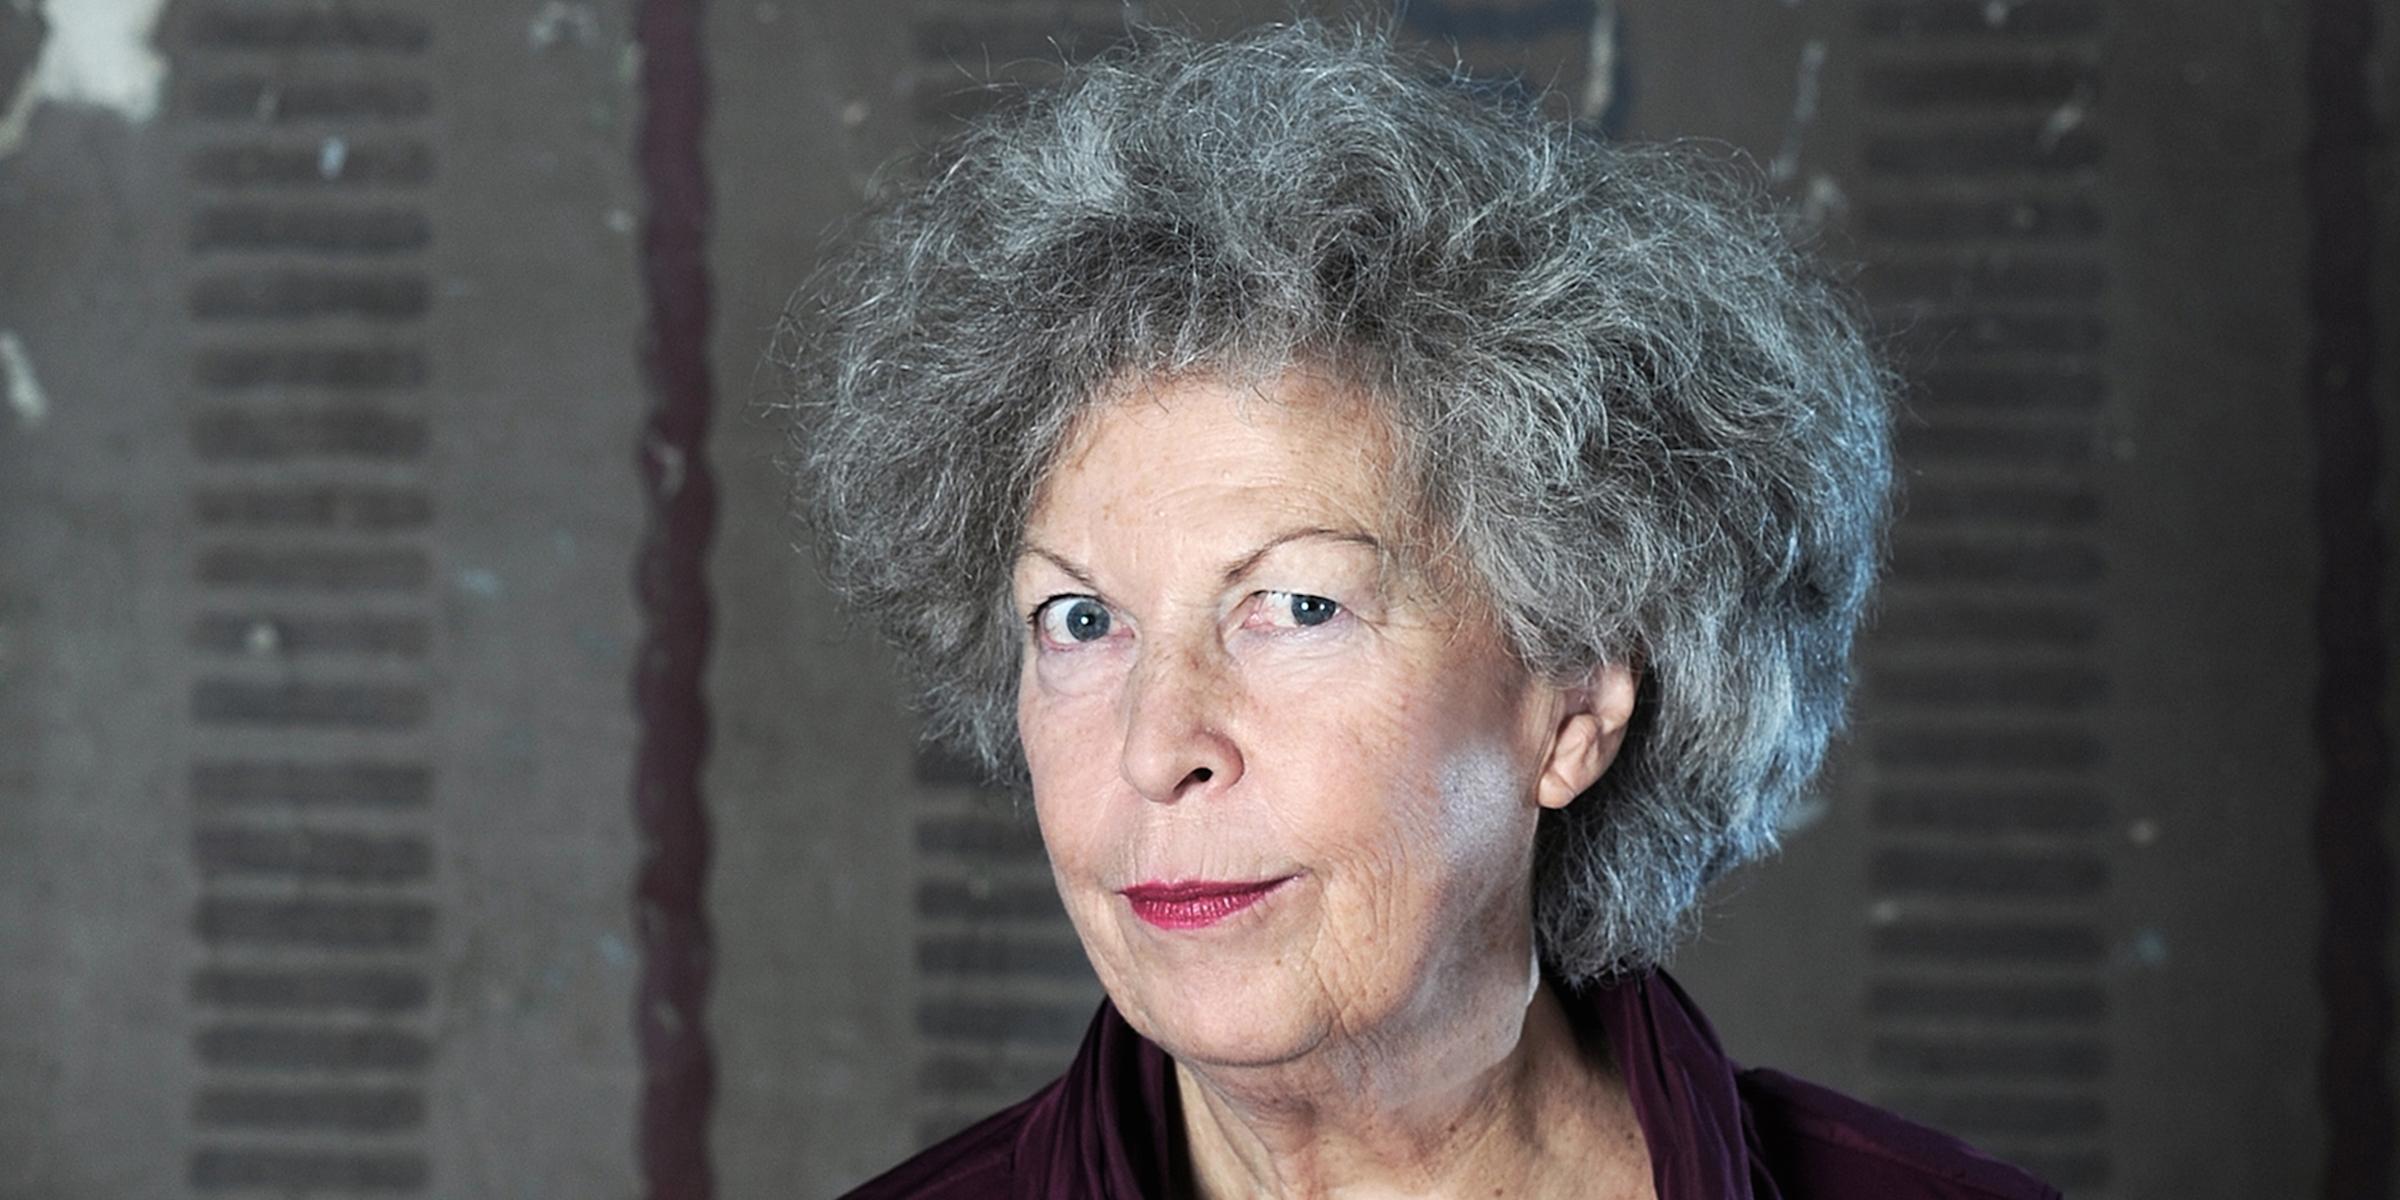 Porträts der Freien Bühne Wendland, Marion Kollenrott